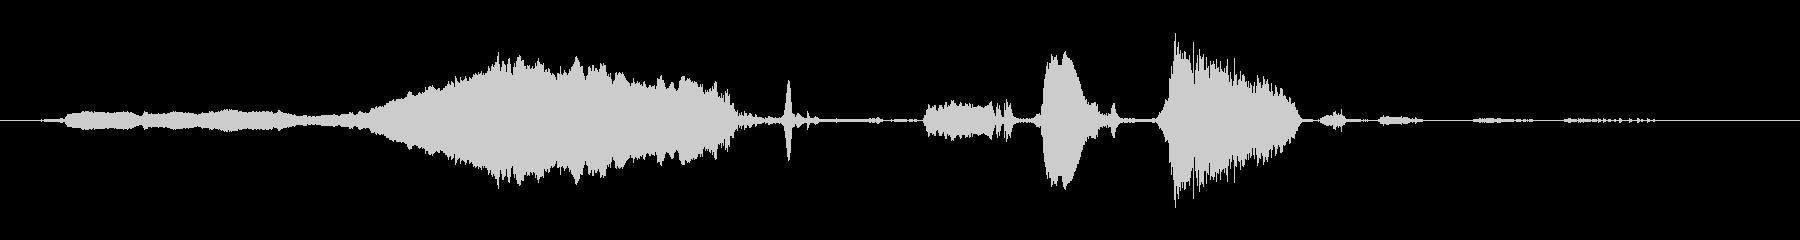 ロバ ブレイスロー01の未再生の波形